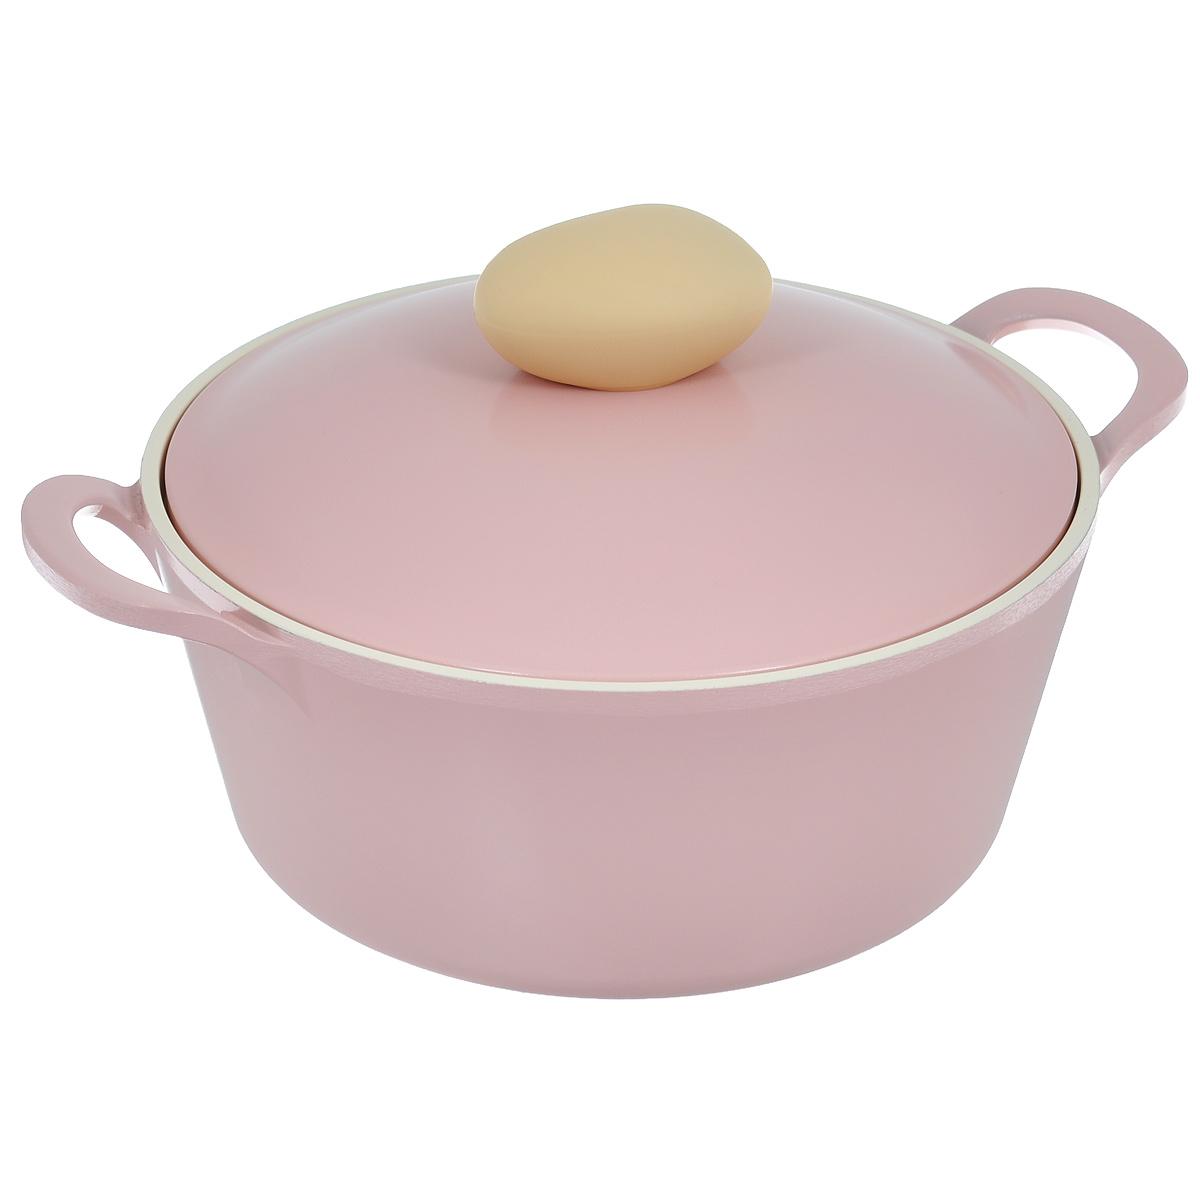 Кастрюля Frybest Round с крышкой, с керамическим покрытием, цвет: розовый, 2,8 л68/5/3Кастрюля Frybest Round выполнена из алюминия с внутренним и внешним керамическим покрытием Ecolon Superior. Такое покрытие устойчиво к повреждениям и не содержит вредных компонентов, так как изготовлено из натуральных материалов. Кастрюля оснащена удобными литыми алюминиевыми ручками и крышкой с пароотводом и прорезиненной ручкой из высококачественного пластика. Коллекция Round - это сочетание непревзойденного качества и элегантности.Ключевые преимущества:- Литой алюминиевый корпус хорошо проводит тепло и равномерно нагревается, обеспечивая наиболее эффективное приготовление пищи,- Крепления ручек не имеют заклепок на внутренней стороне посуды,- Внешнее и внутреннее покрытие устойчиво к царапинам и повреждениям,- Покрытие абсолютно нейтрально и не вступает в реакцию с пищей,- Легко моется,- Утолщенное дно для лучшего распространения тепла и экономии энергии,- Благодаря равномерно прогревающейся алюминиевой крышке в процессе приготовления блюд создается эффект томления, еда готовится быстрее и приобретает более насыщенный вкус и аромат,- Встроенный в крышку пароотвод предотвращает выкипание,- Уникальная технология напыления стальных частиц на дно изделия,- Не содержит PFOA. Можно мыть в посудомоечной машине. Подходит для электрических, газовых и стеклокерамических плит.